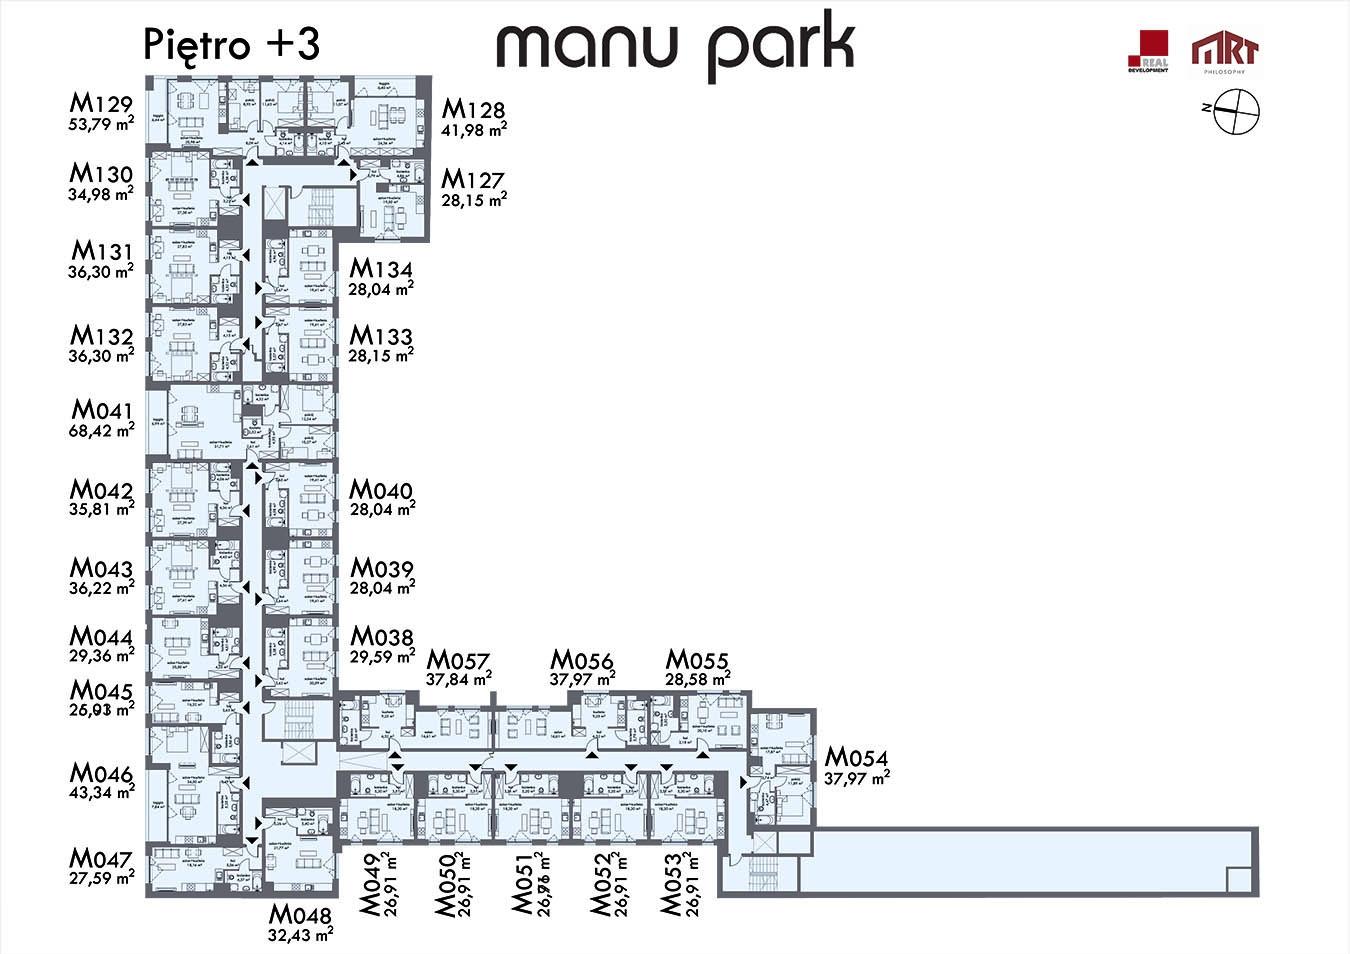 MANU PARK - Piętro 3